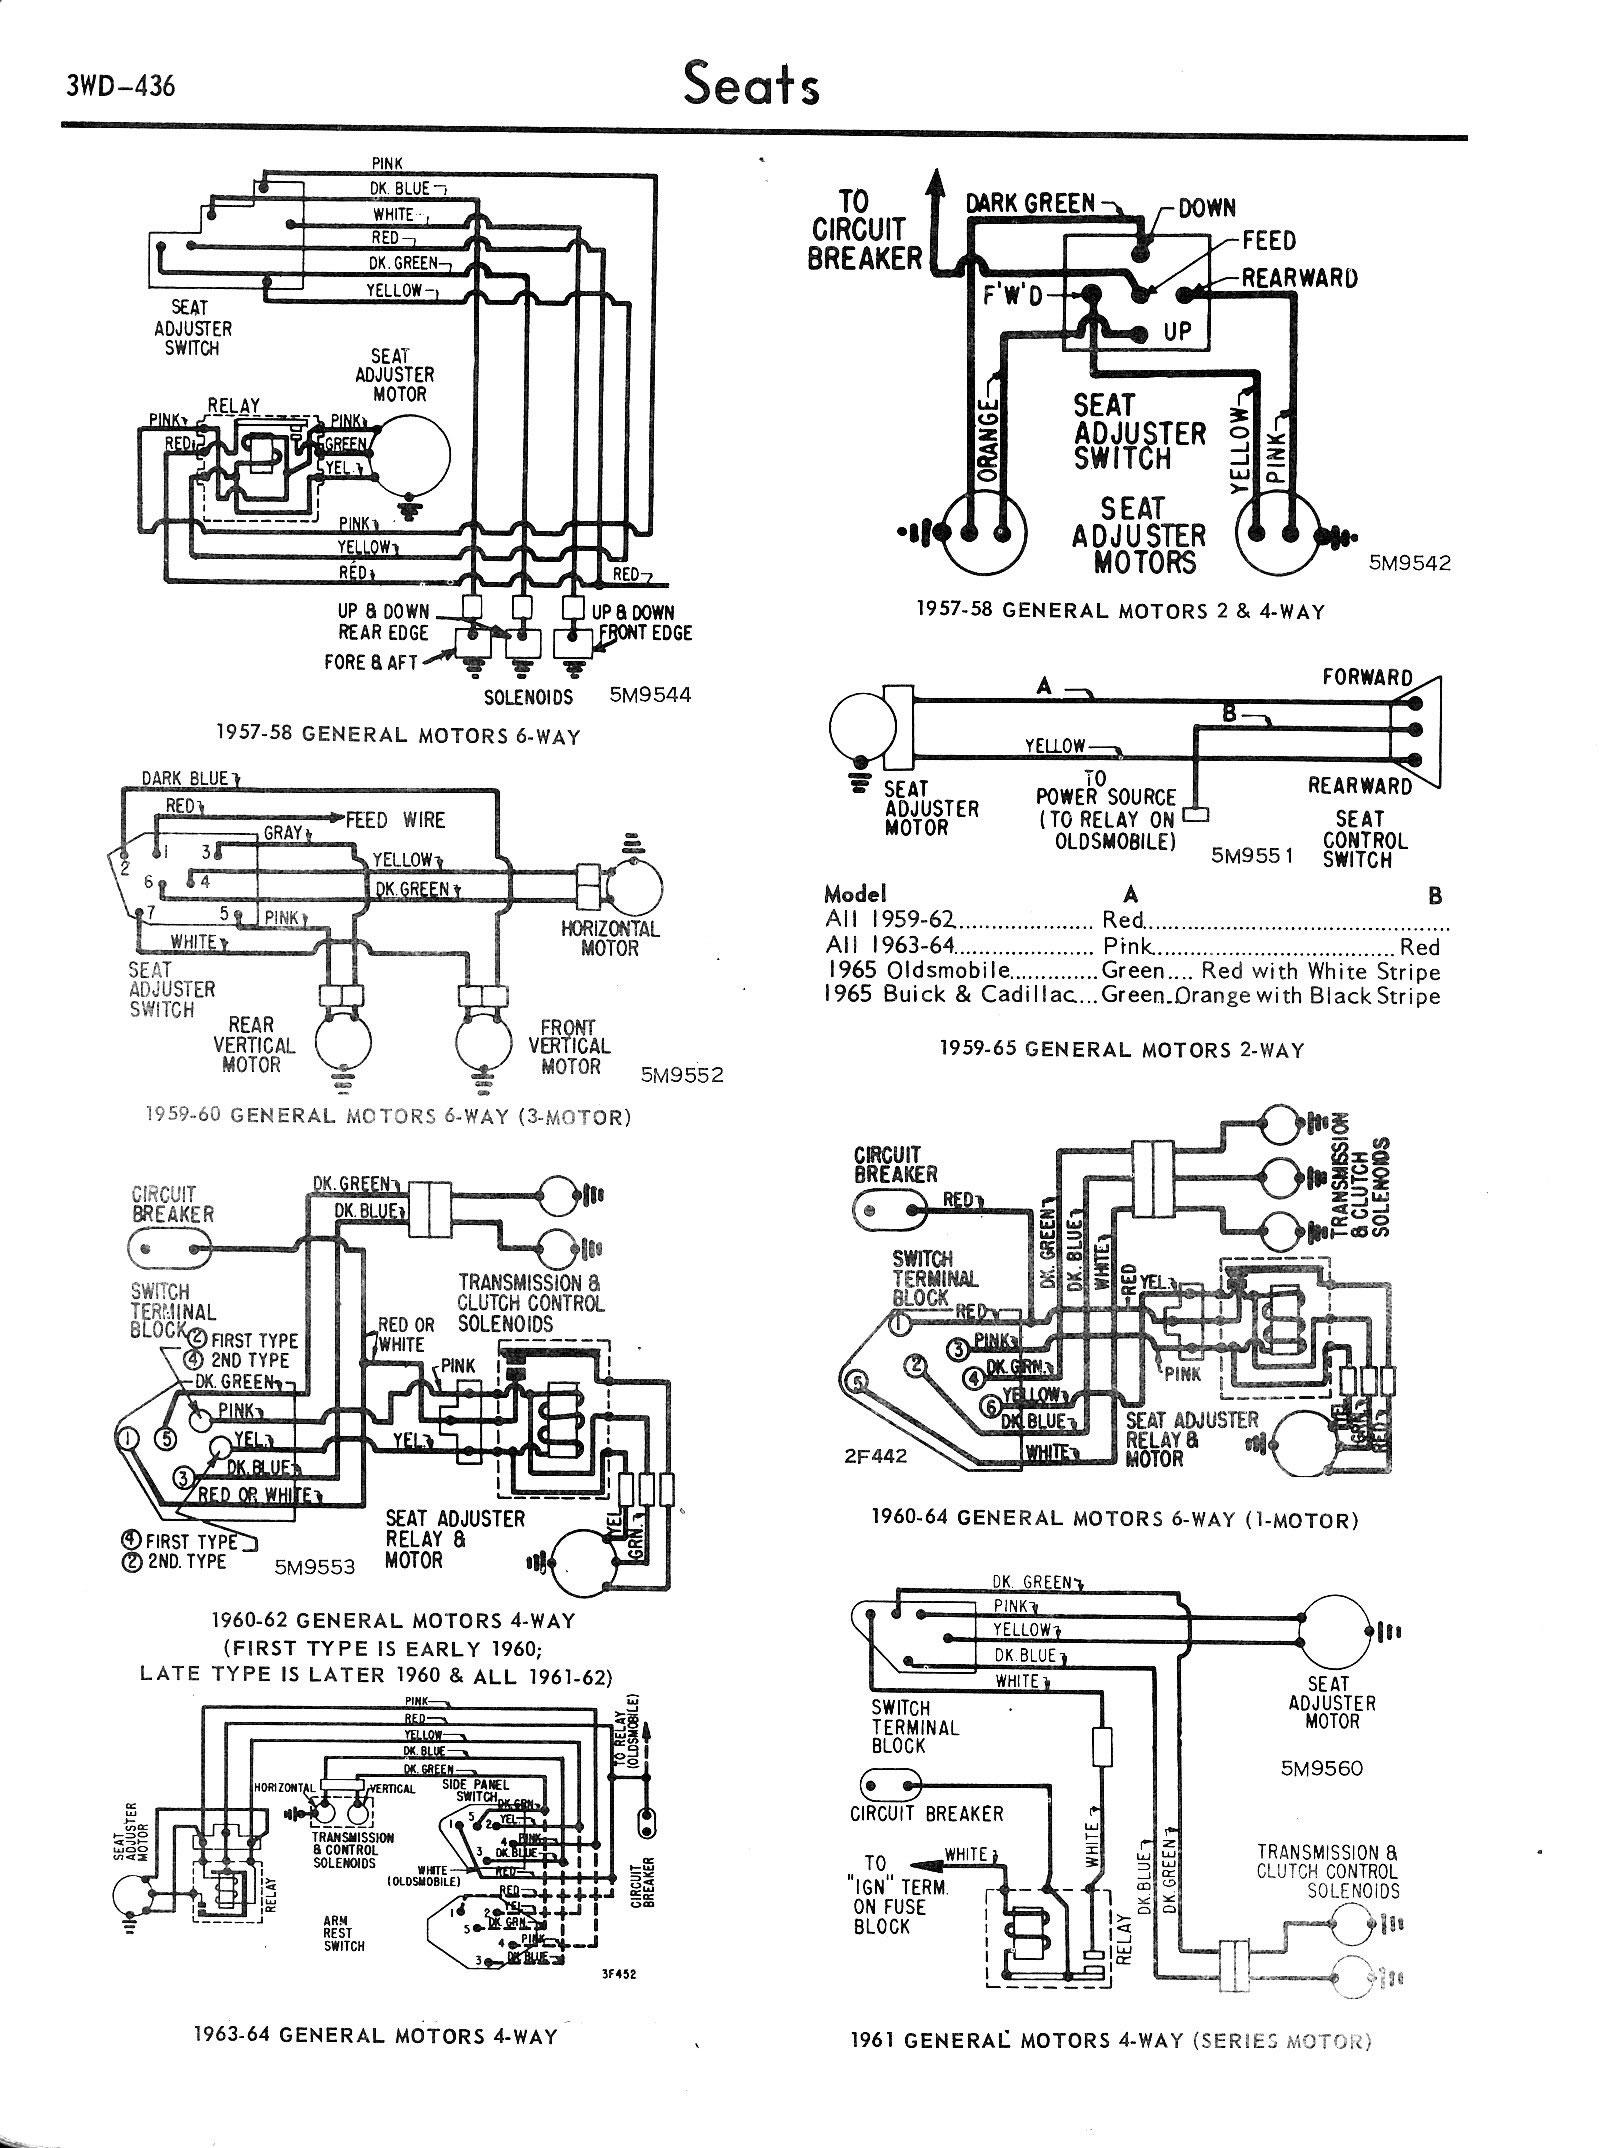 [SODI_2457]   SF_0145] 1968 Chevrolet Corvette Power Seat Wiring Diagram Wiring Diagram | Gm 6 Way Power Seat Switch Wiring Diagram |  | Papxe Xero Mohammedshrine Librar Wiring 101